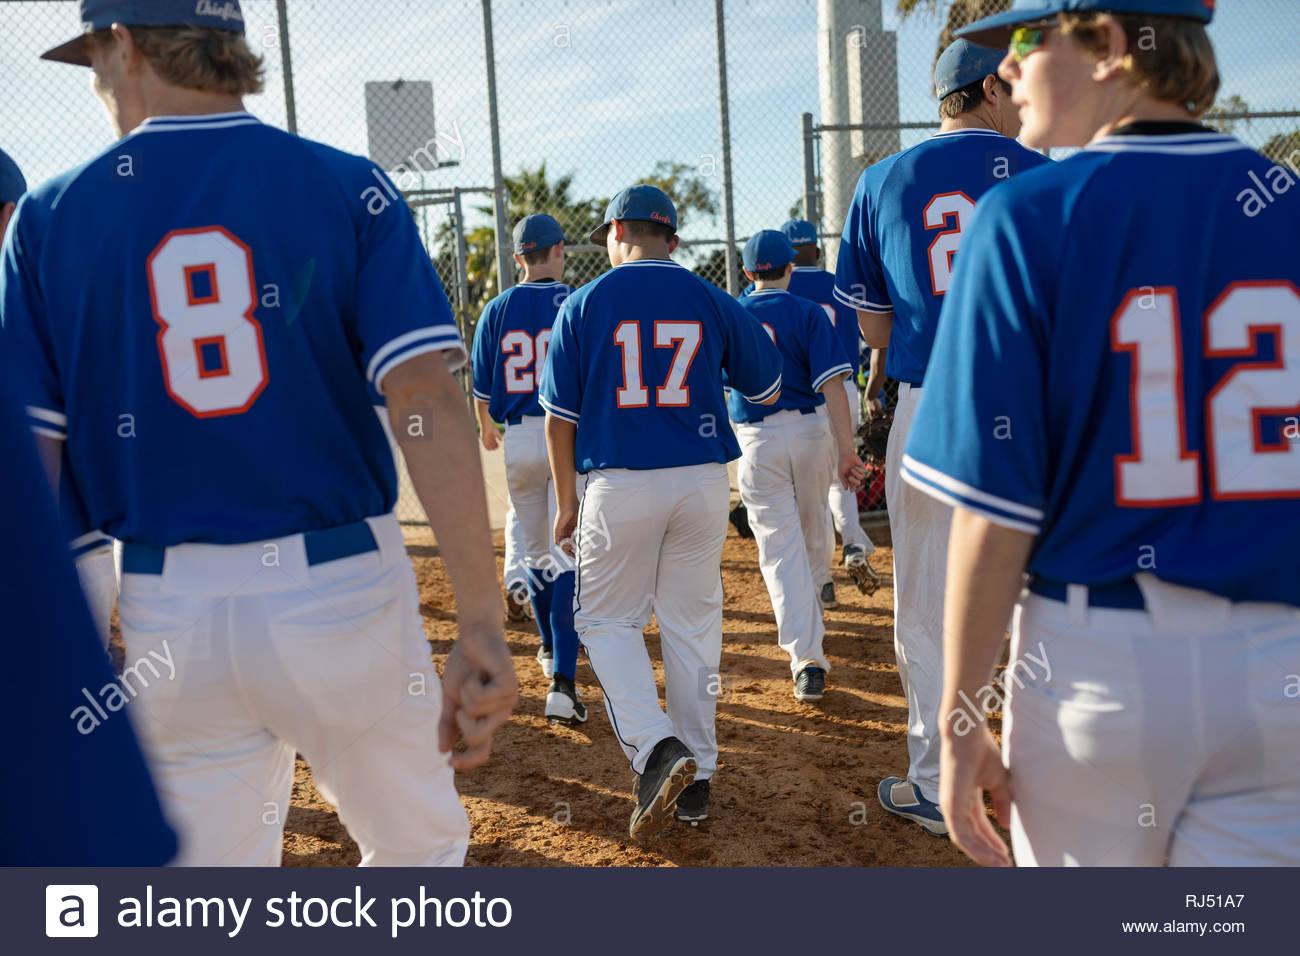 Baseball players walking onto field - Stock Image